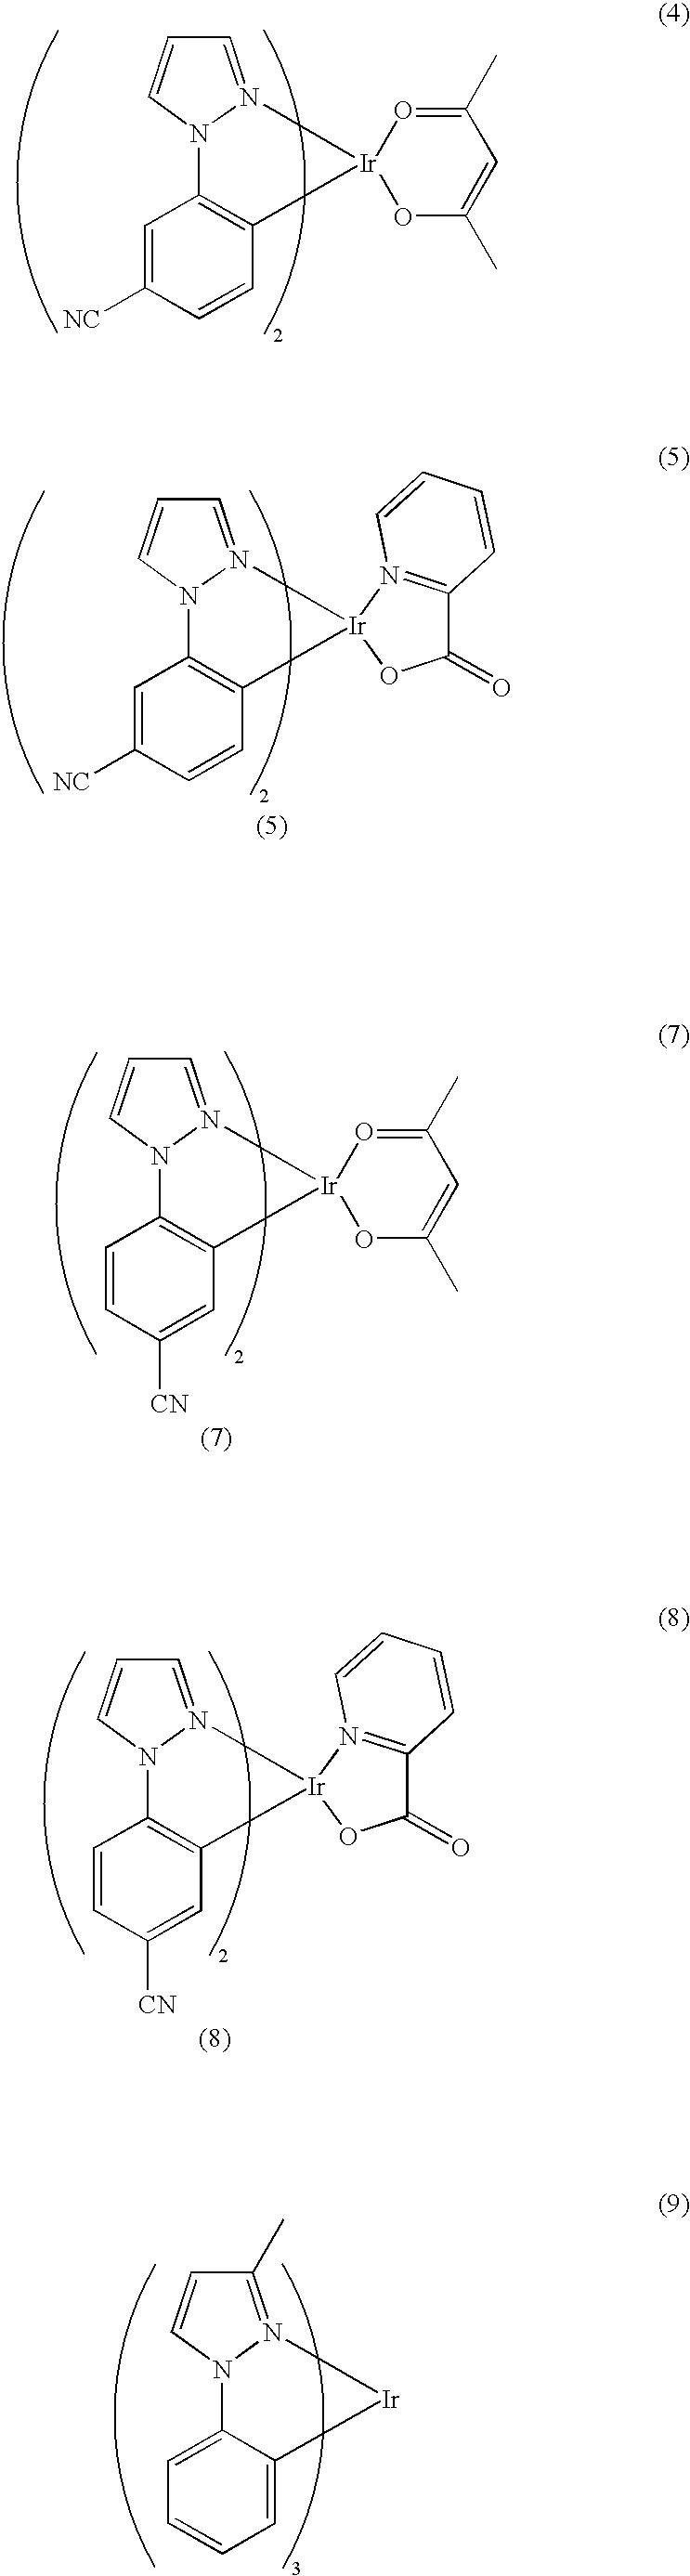 Figure US20050031903A1-20050210-C00061